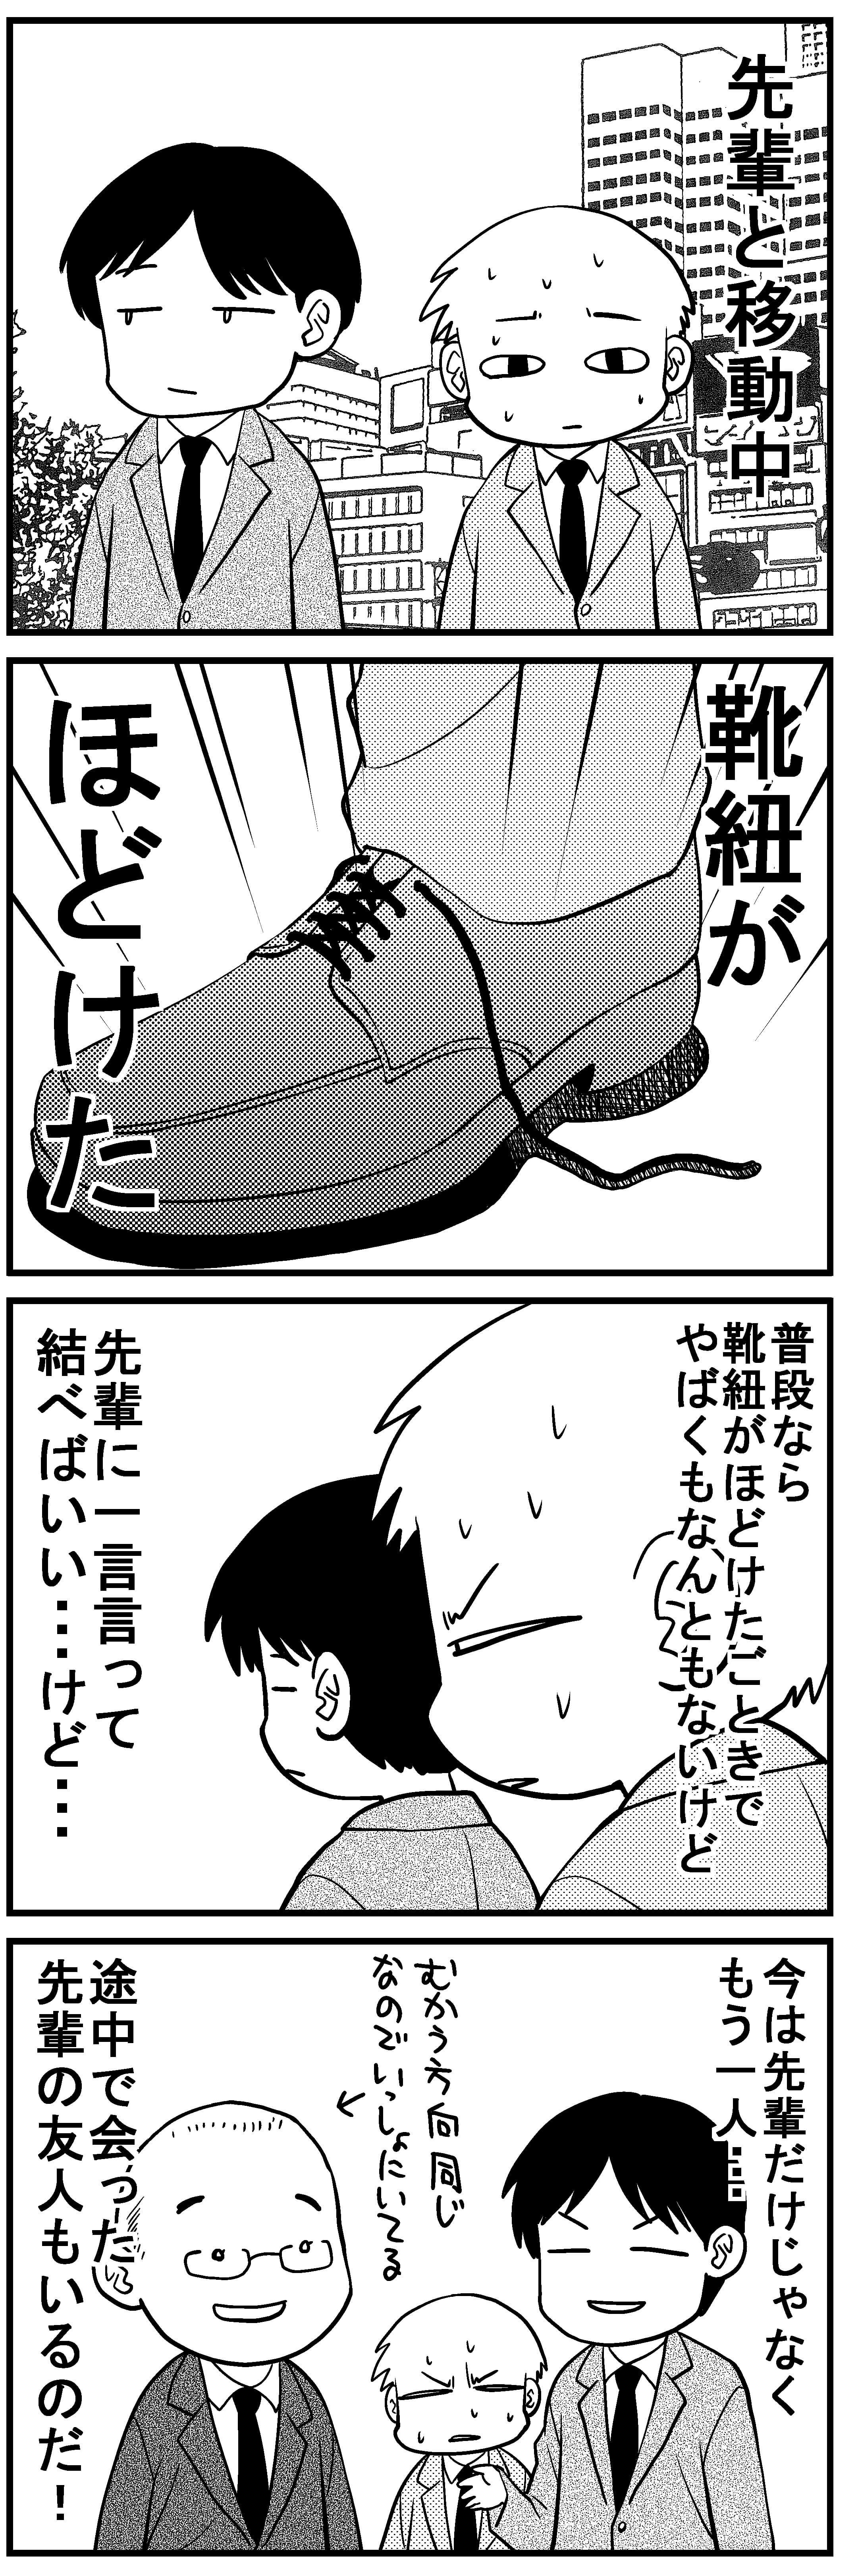 深読み君7_mini (1)